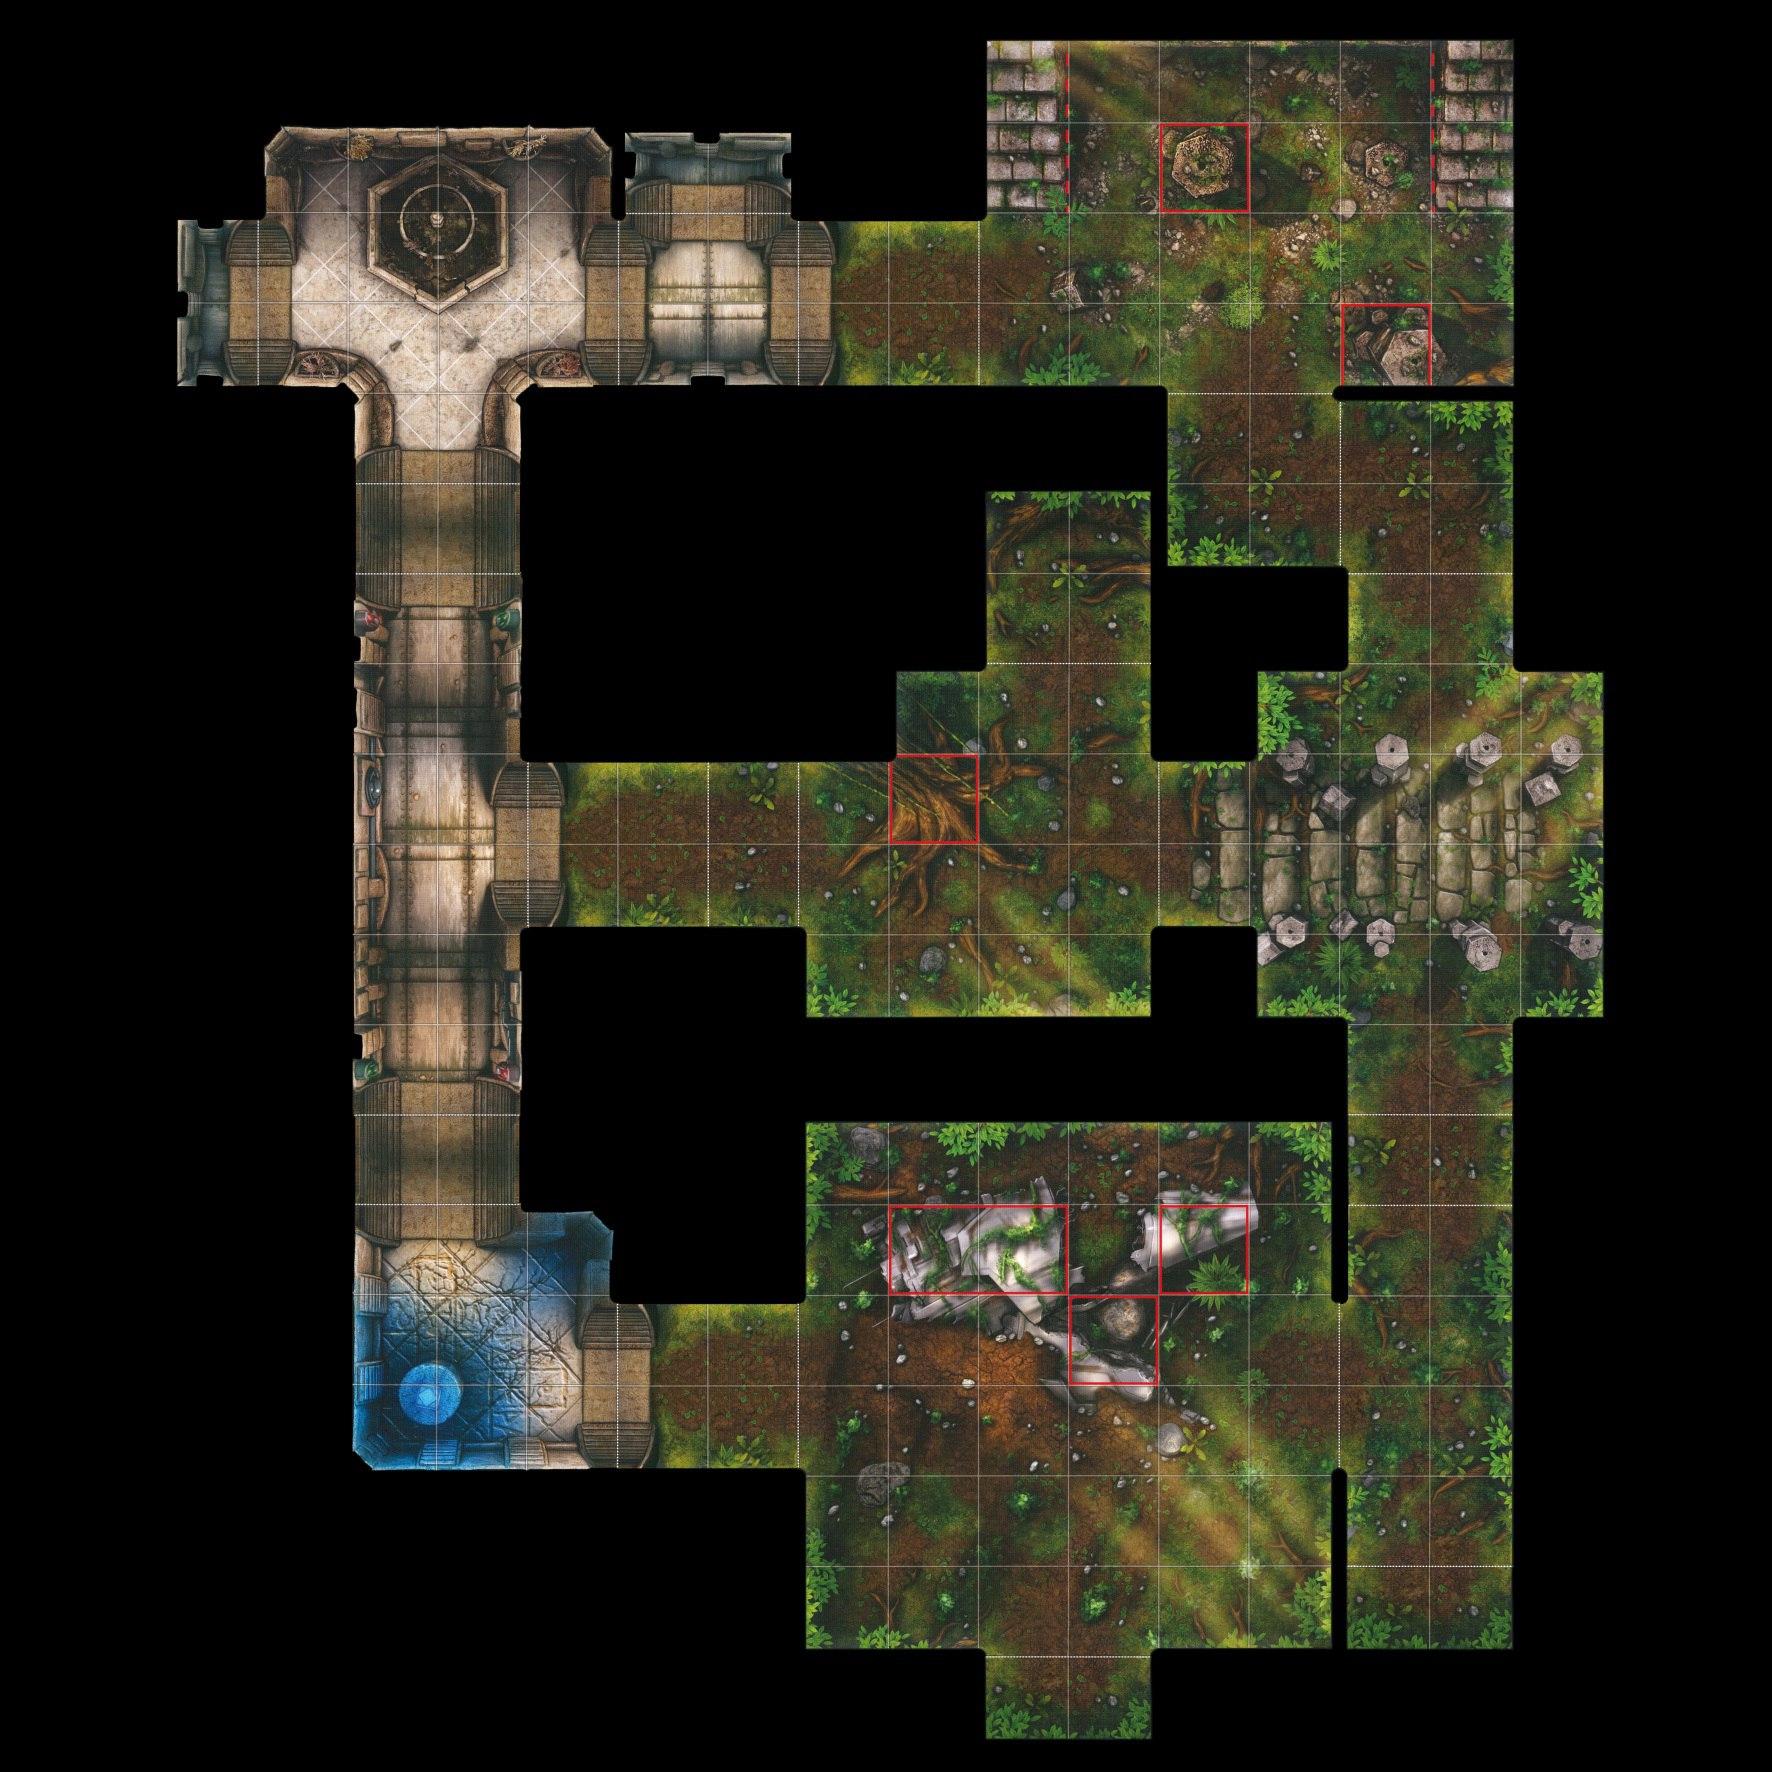 polya-k-imperial-assault-Поле с картой из дополнения с вейдером